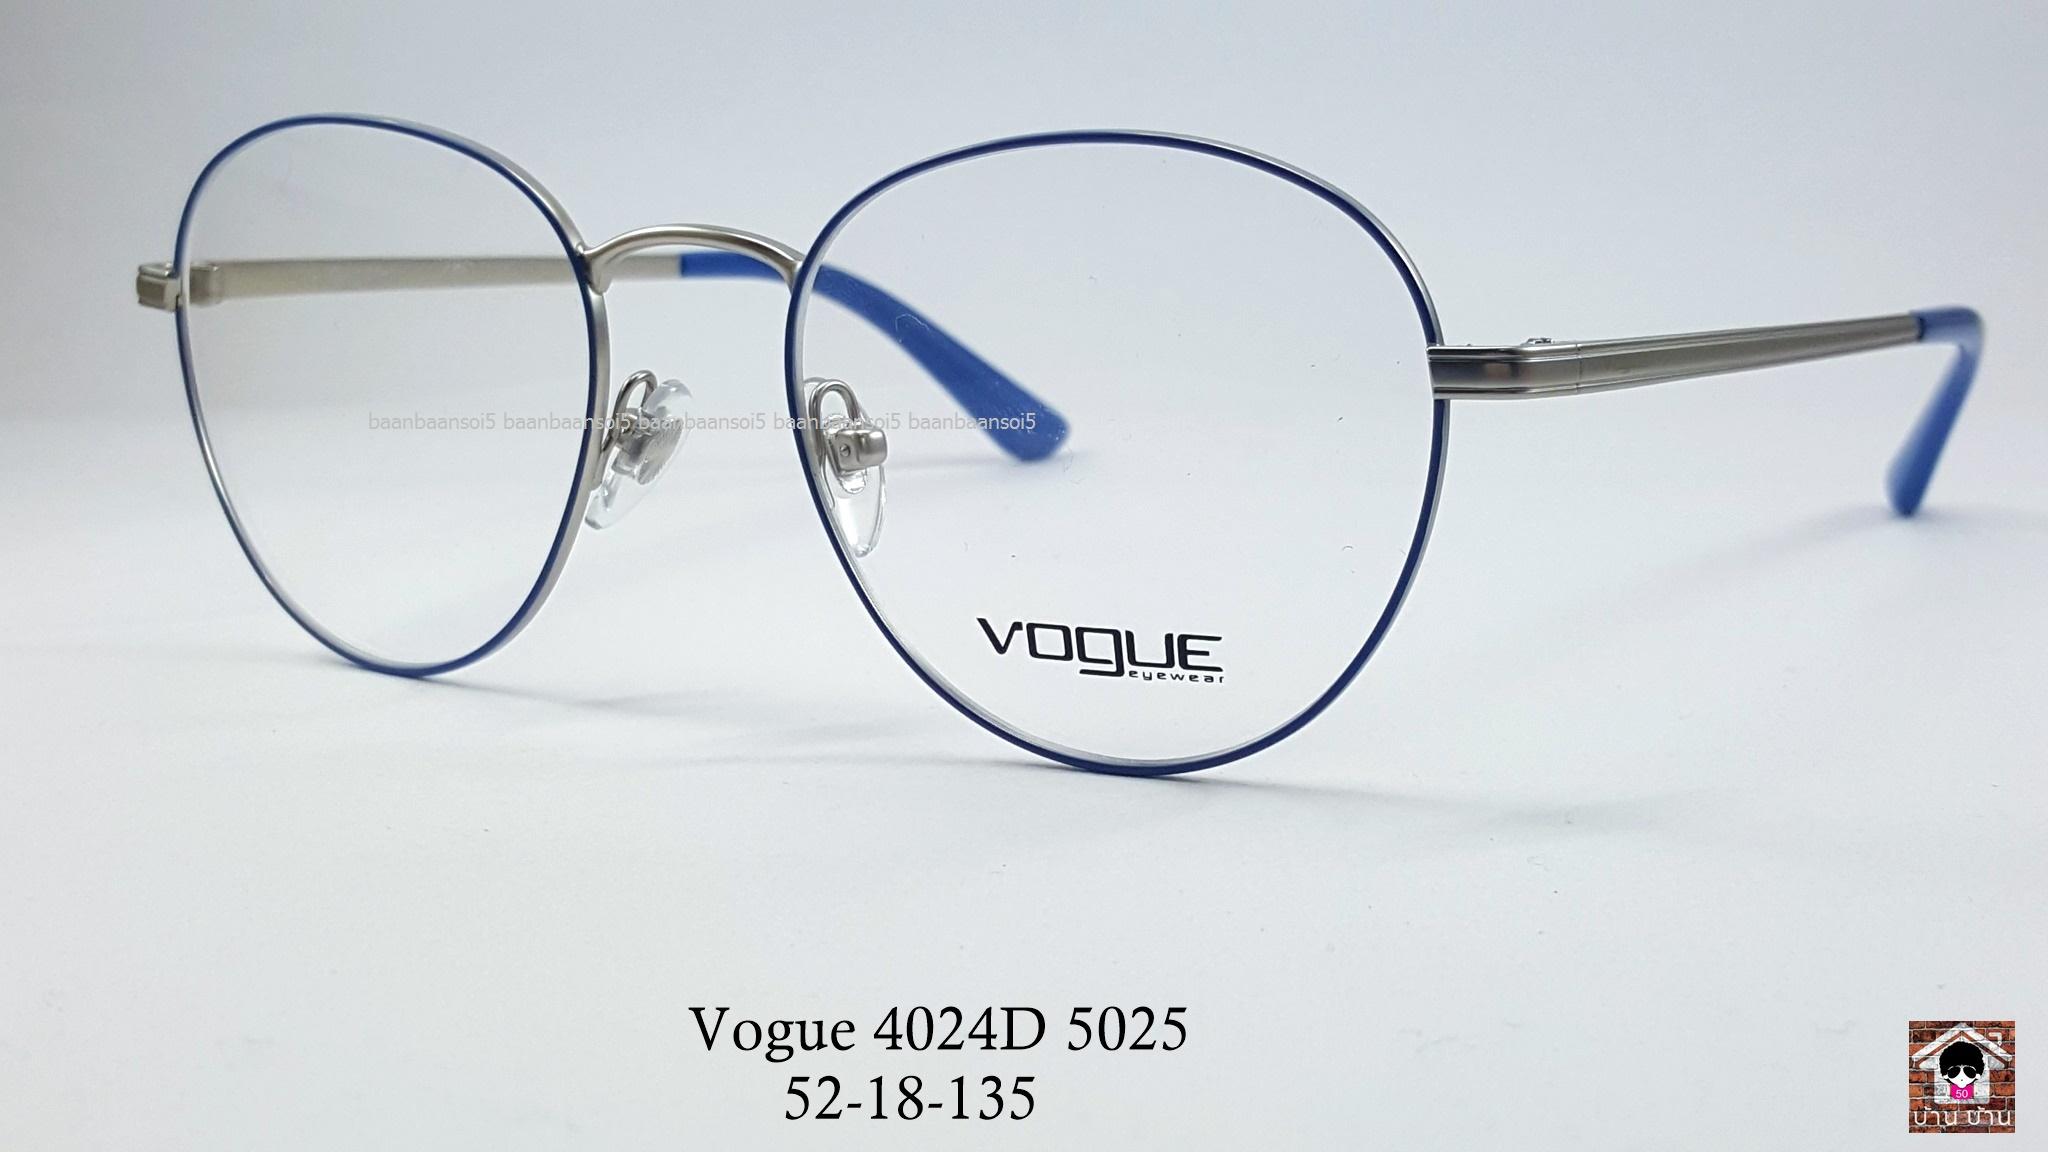 Vogue vo 4024D 5025 โปรโมชั่น กรอบแว่นตาพร้อมเลนส์ HOYA ราคา 2,900 บาท